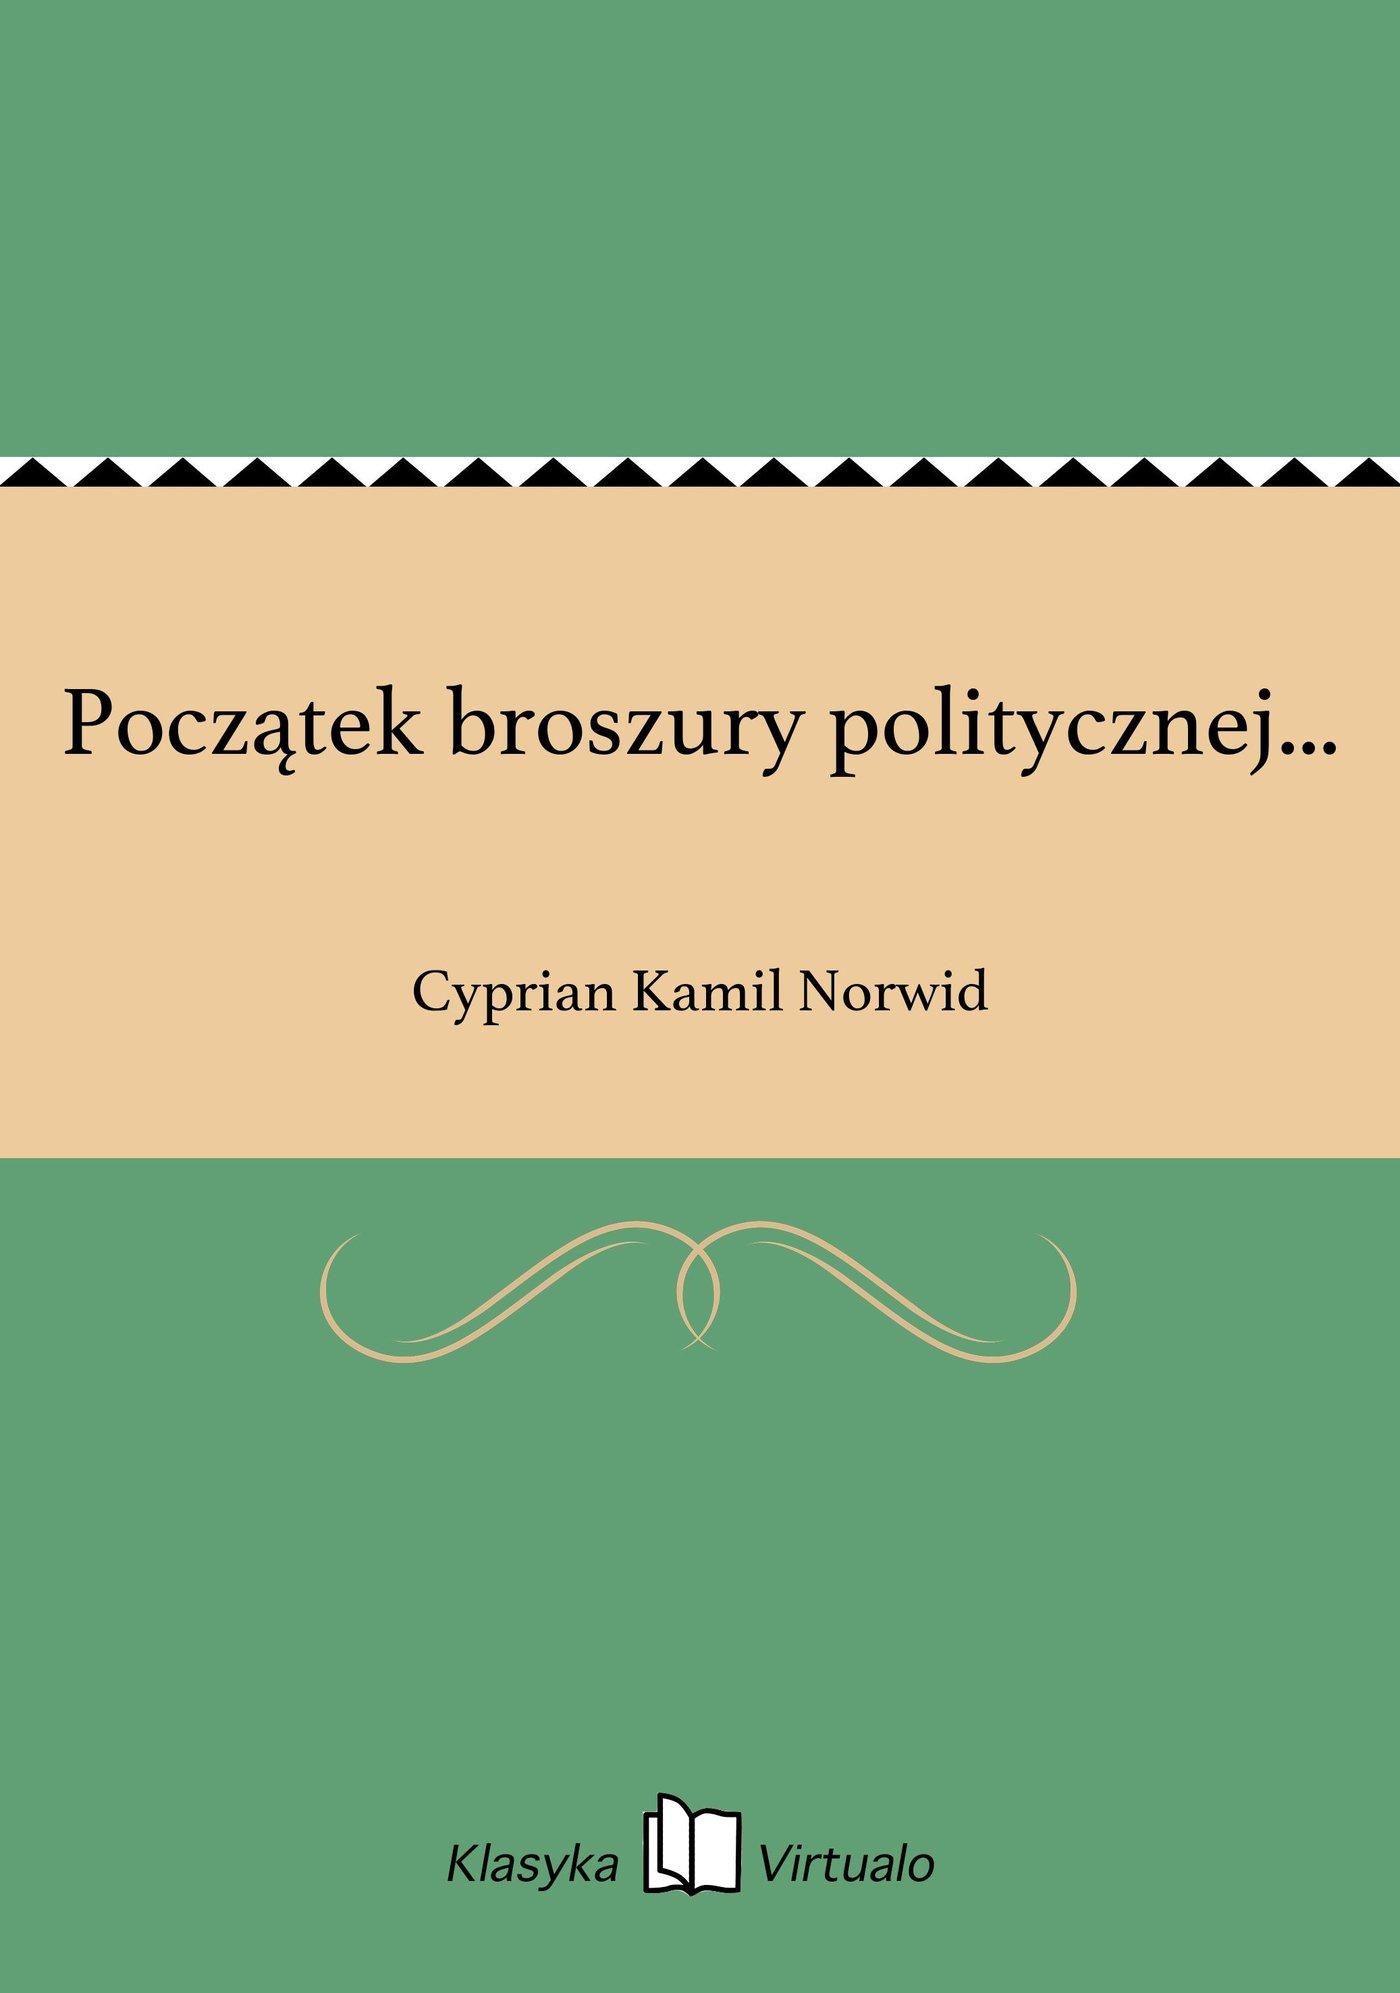 Początek broszury politycznej... - Ebook (Książka EPUB) do pobrania w formacie EPUB